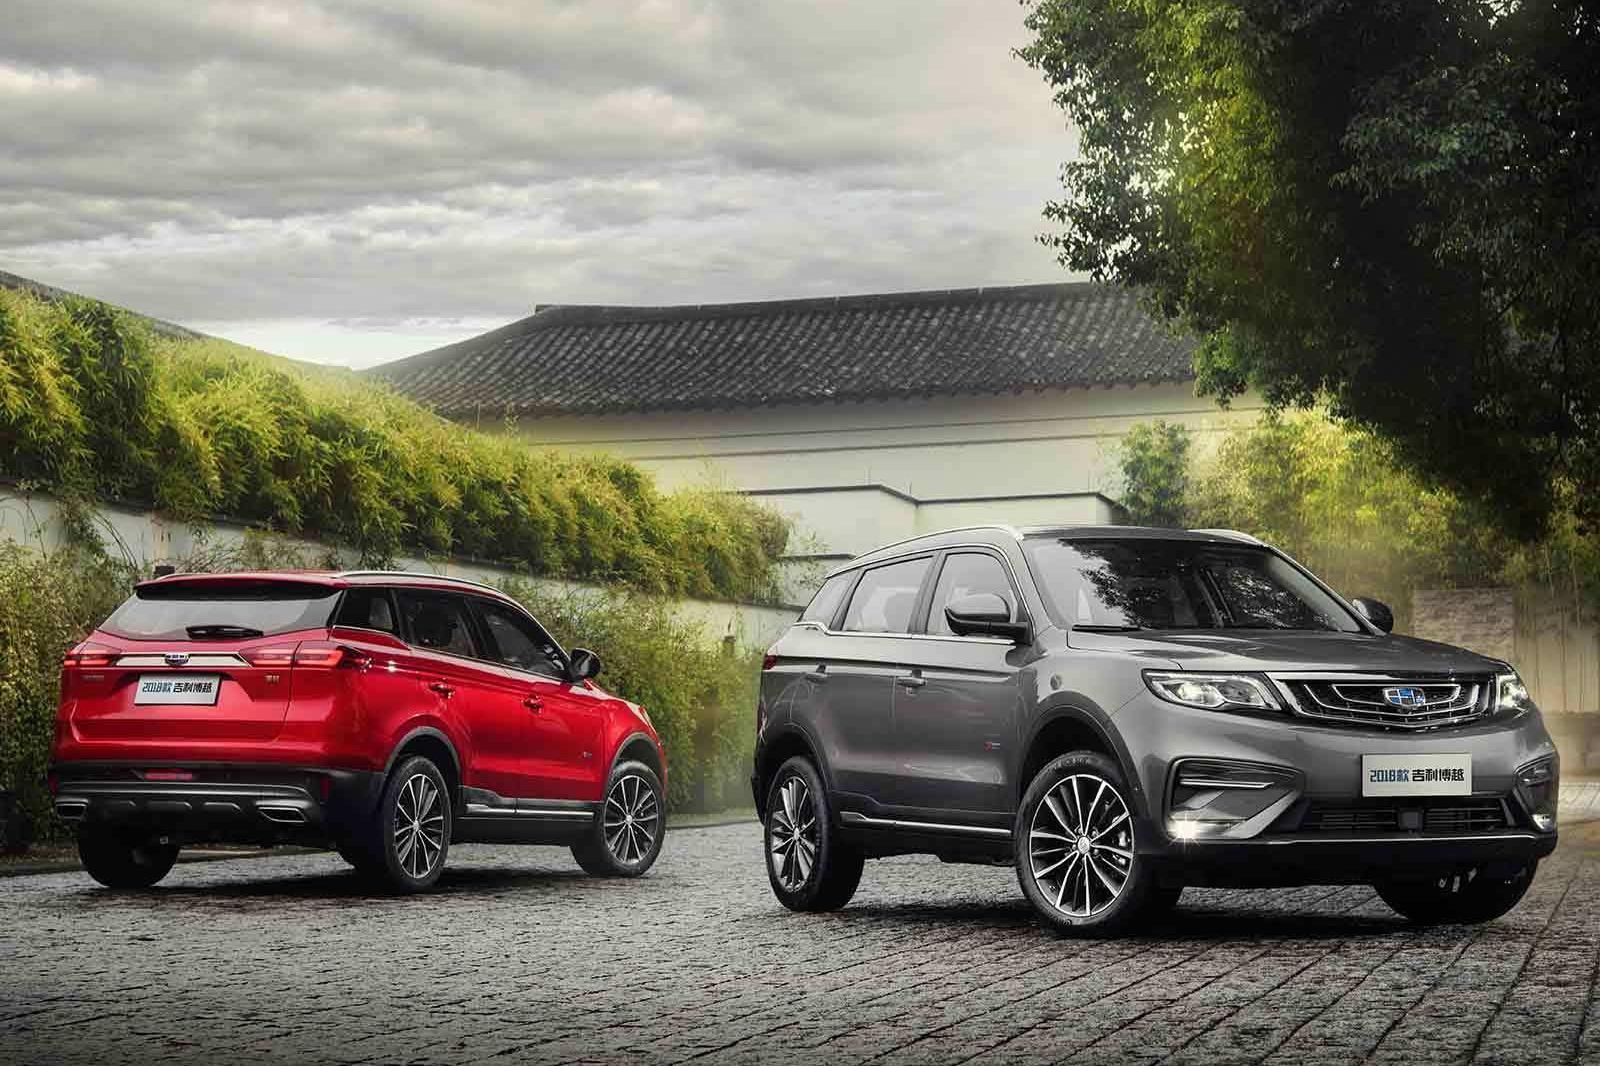 买了不后悔 这四款自主品牌SUV配置高,空间大,还配T动力